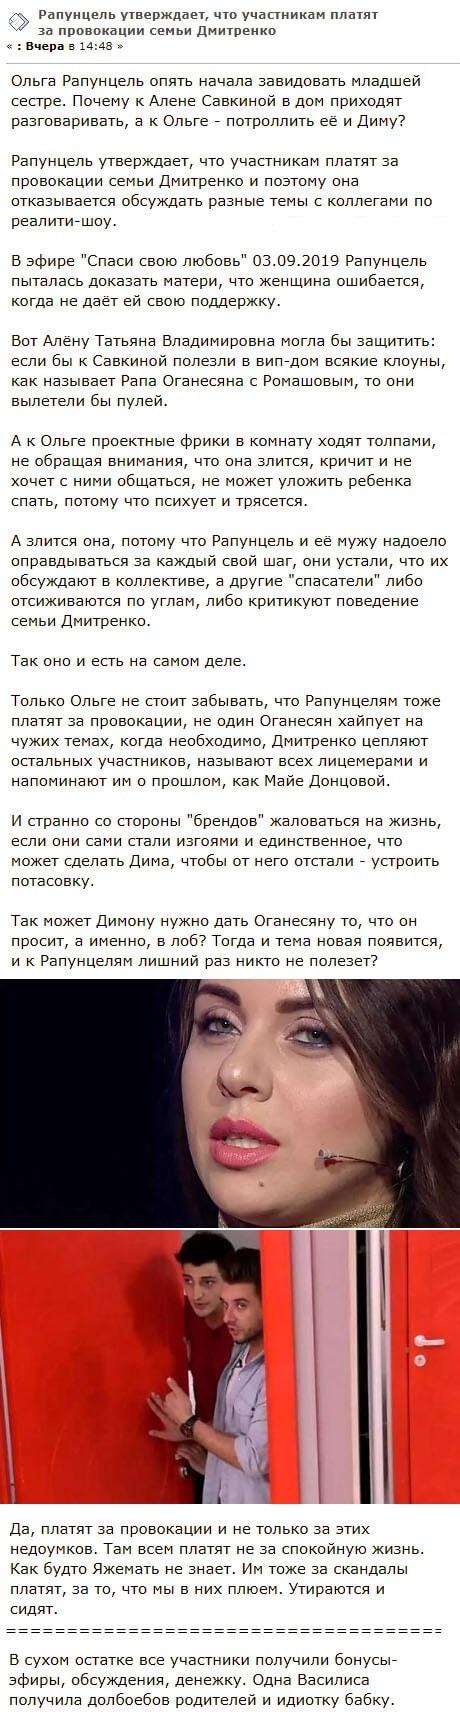 Ольга Рапунцель рассказала как на ее семье наживаются другие участники